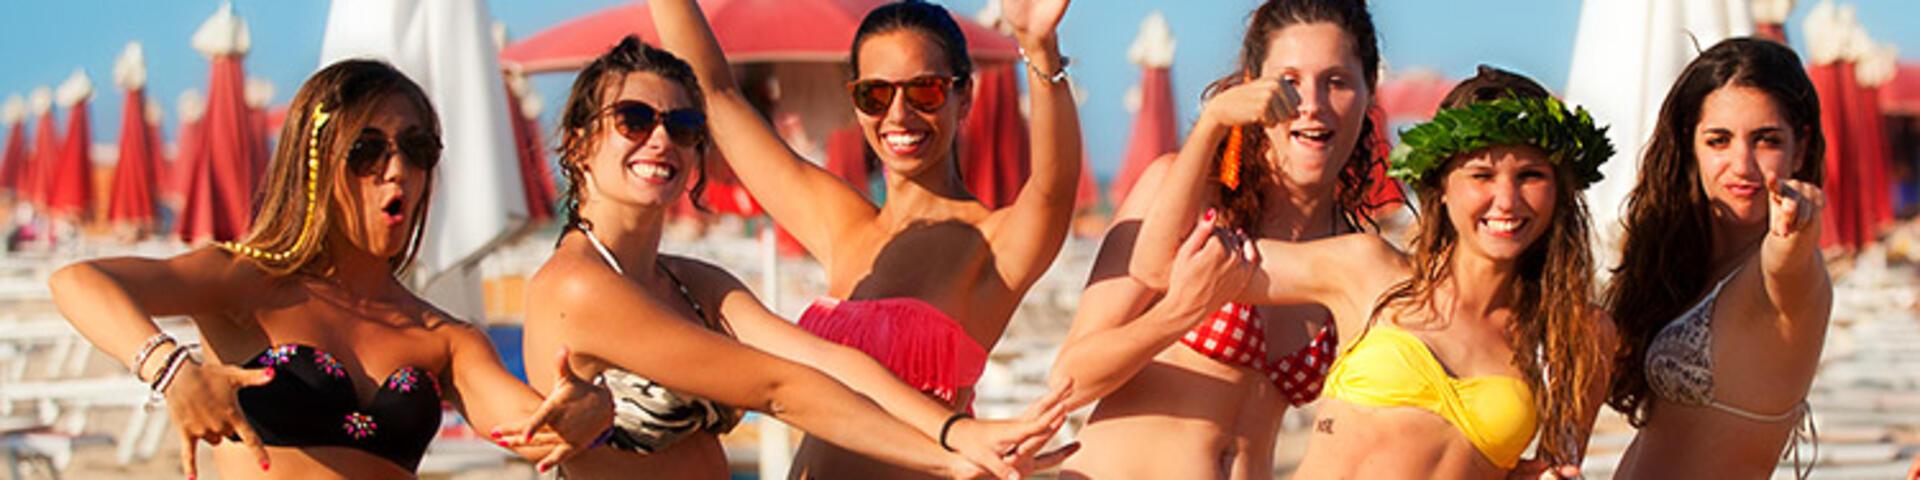 vacanze con amici, hotel rimini per ragazzi, appartamenti rimini vacanze con amici